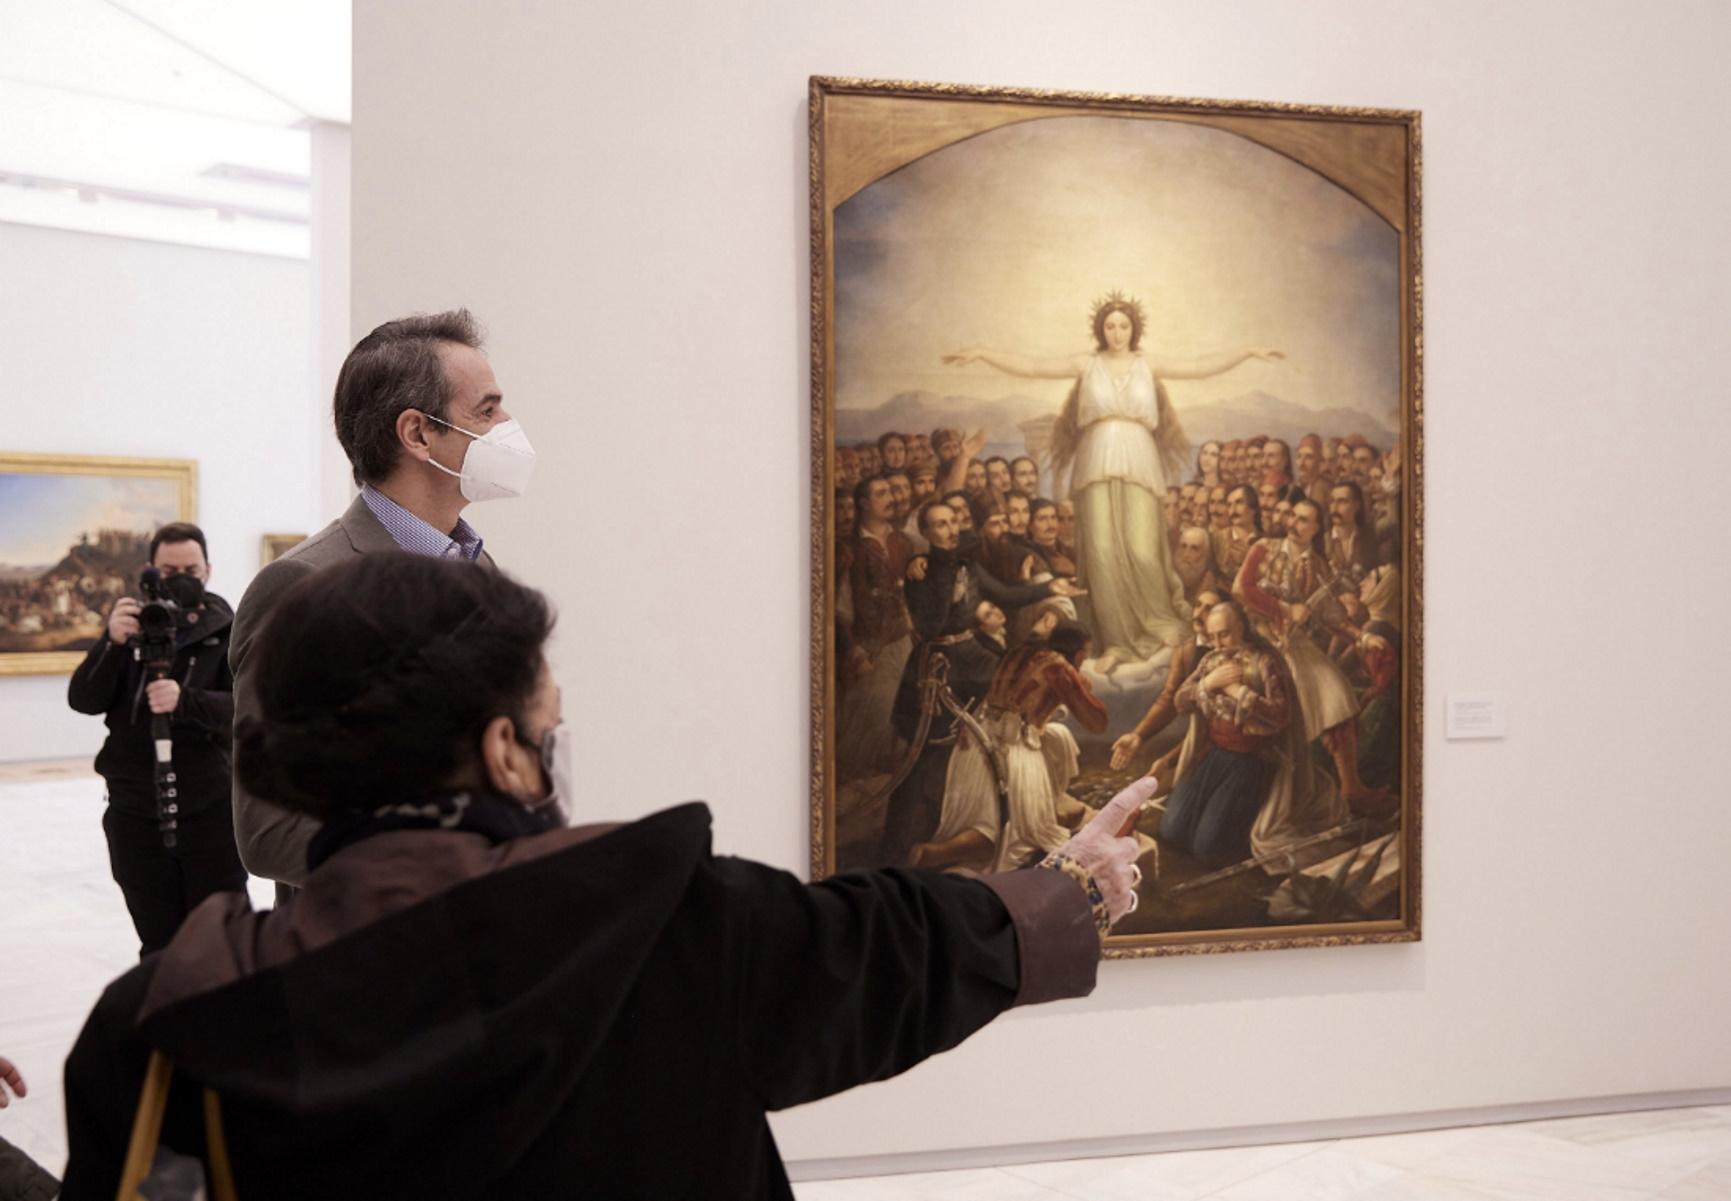 Ο Μητσοτάκης στην υπερσύγχρονη και ανανεωμένη Εθνική Πινακοθήκη – Δείτε εικόνες από την επίσκεψη